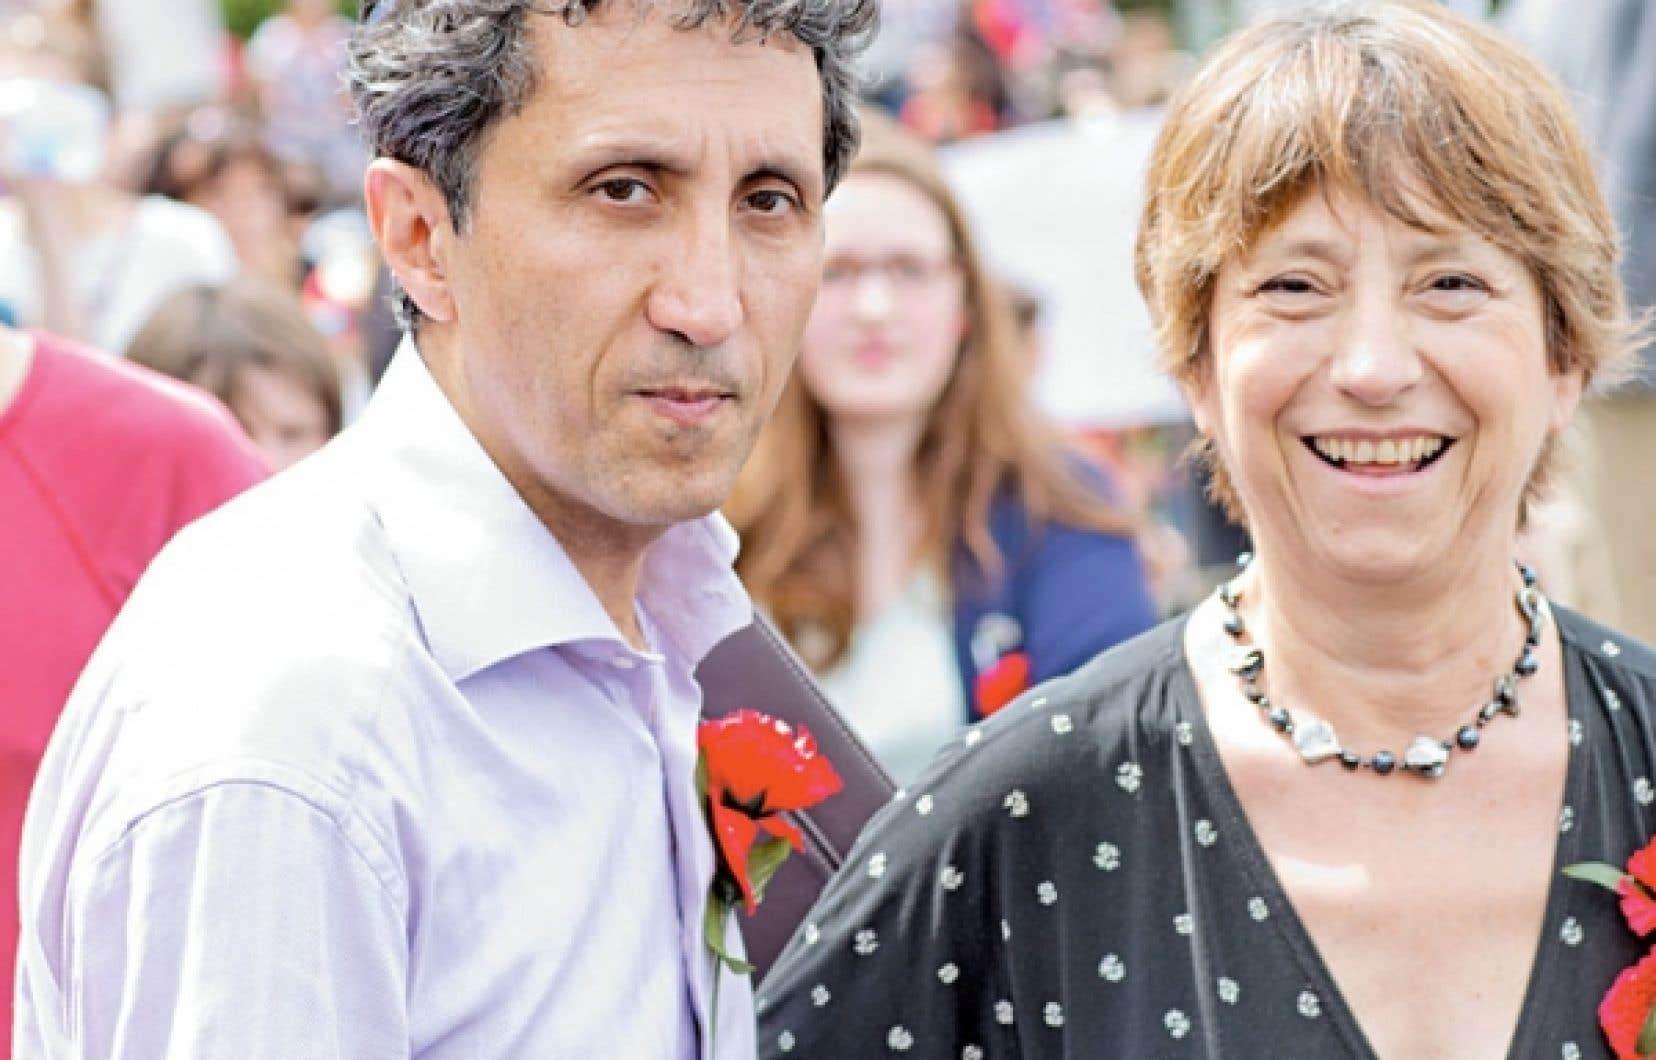 <div> Selon Amir Khadir et Françoise David, aucune alliance n'est possible sans une vision commune de la crise sociale des derniers mois et de son potentiel de changement profond et durable.</div>